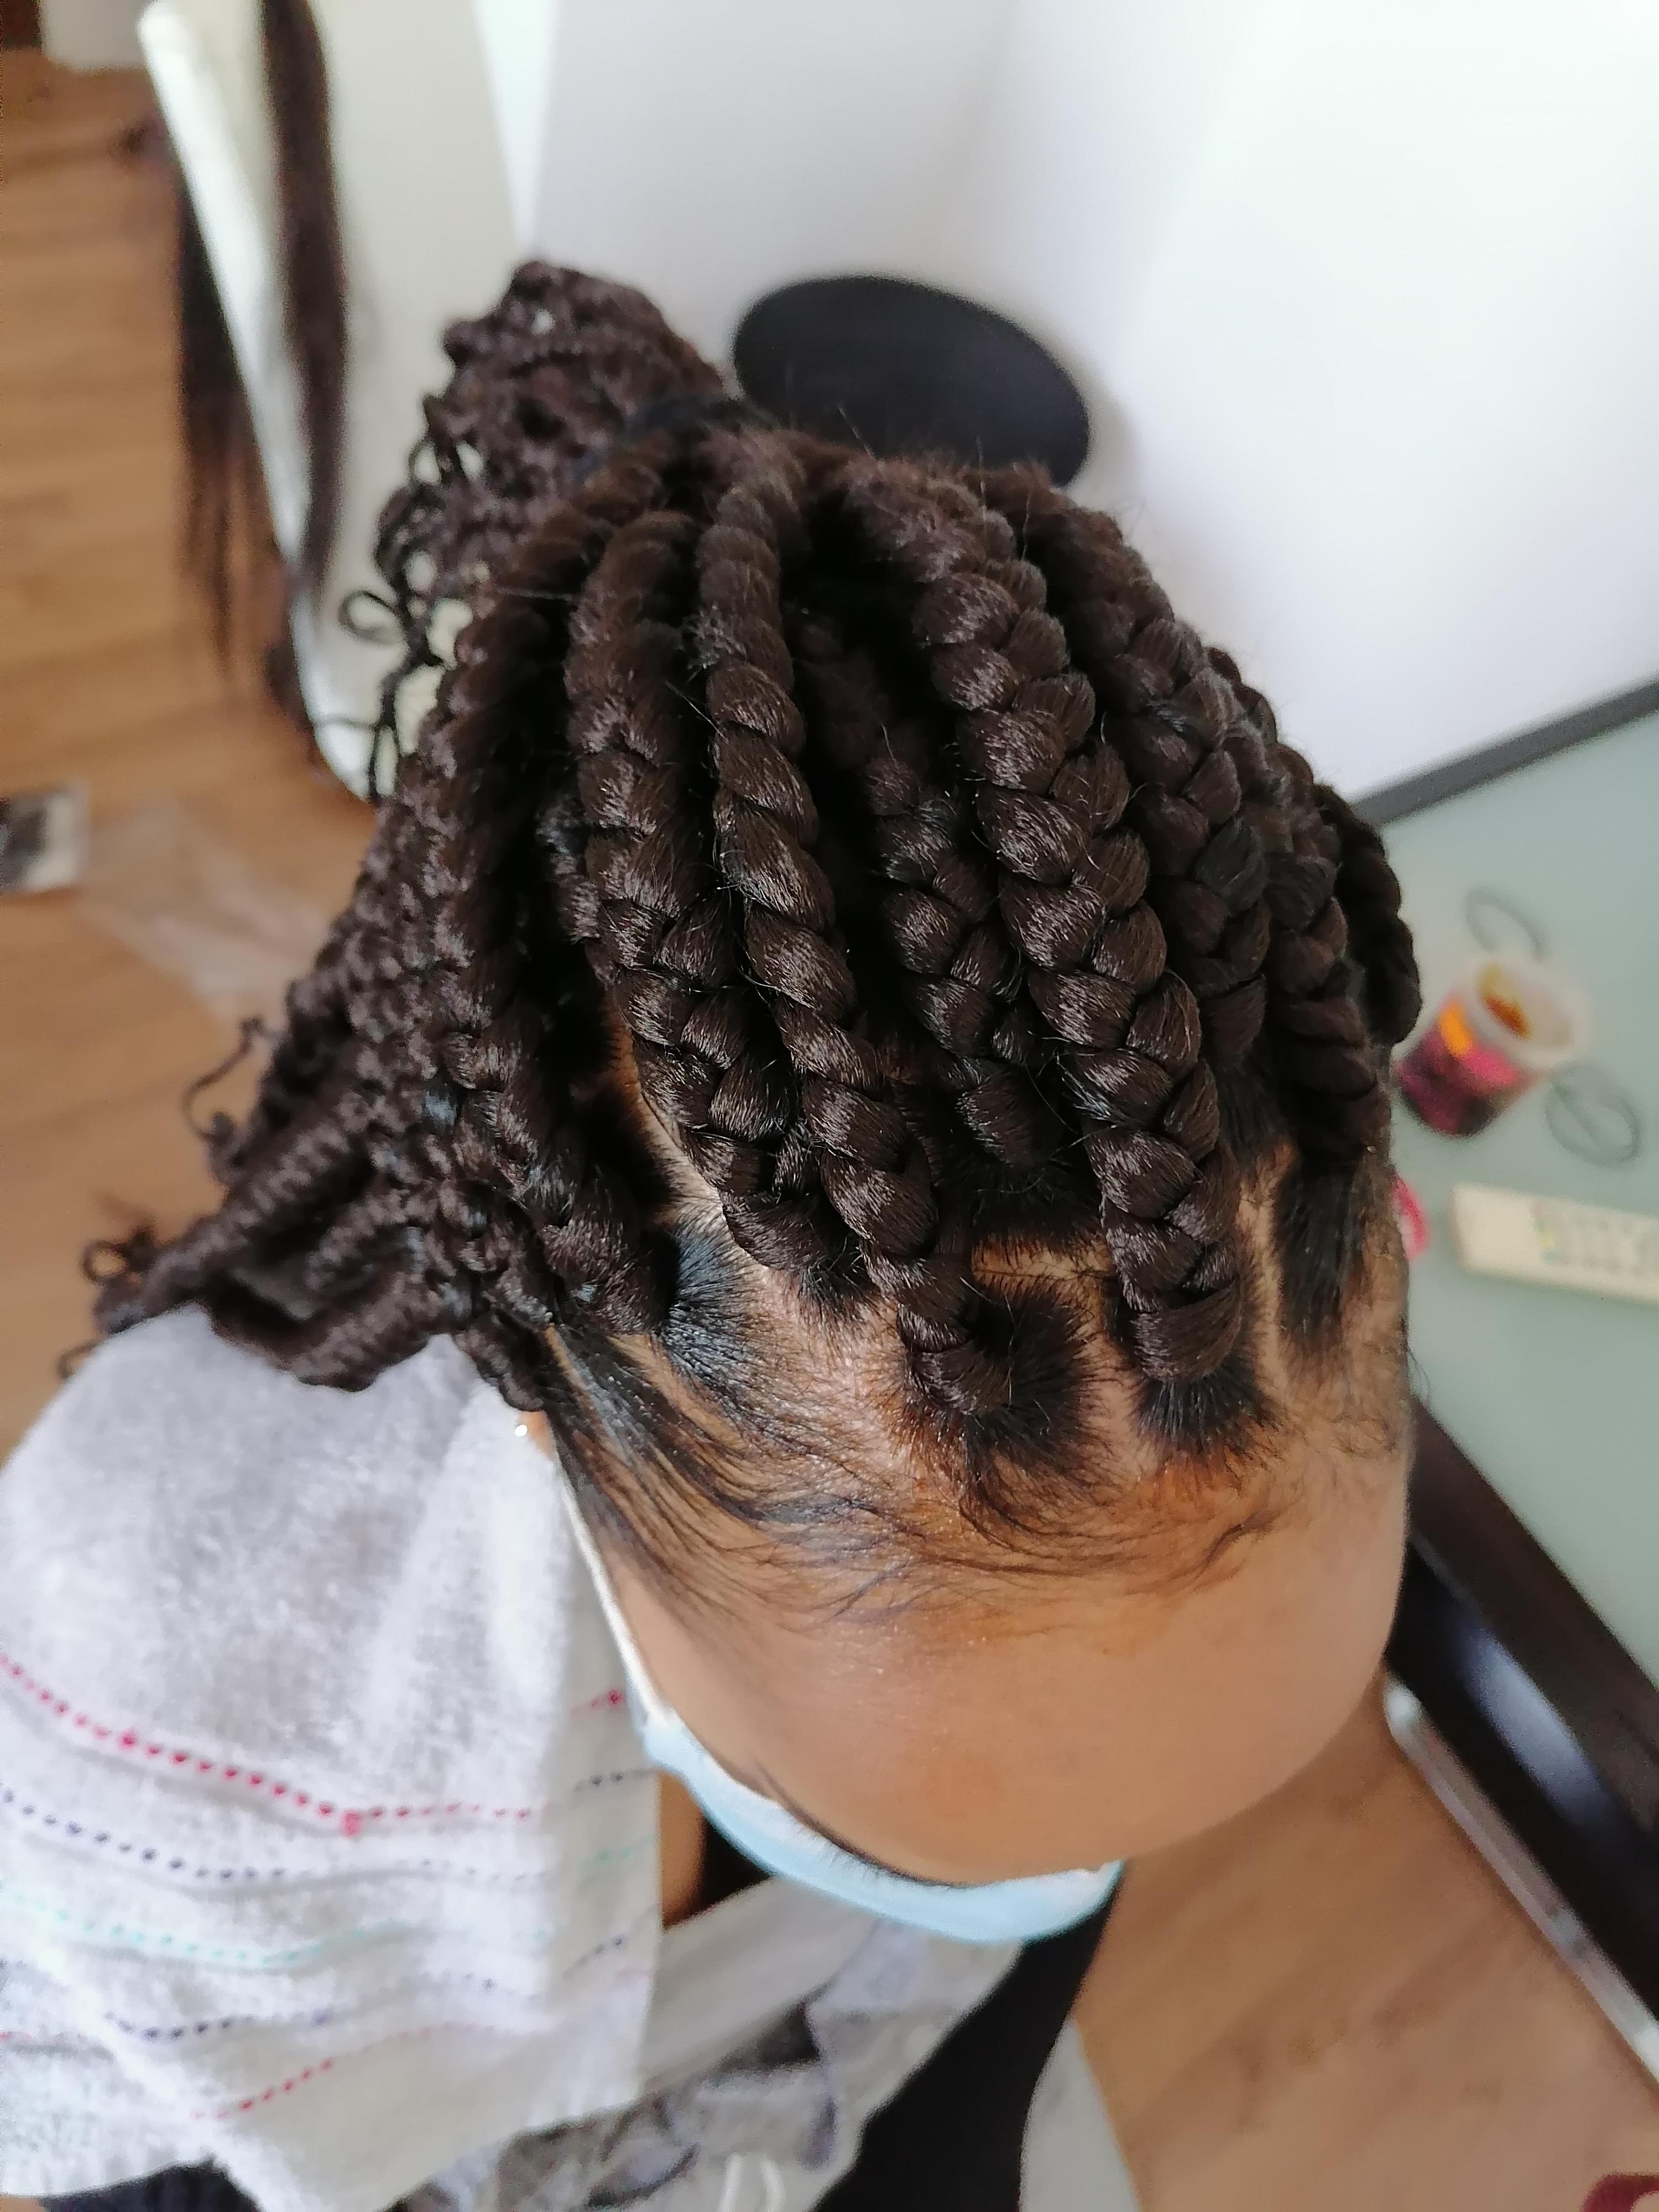 salon de coiffure afro tresse tresses box braids crochet braids vanilles tissages paris 75 77 78 91 92 93 94 95 TWTJIEYH